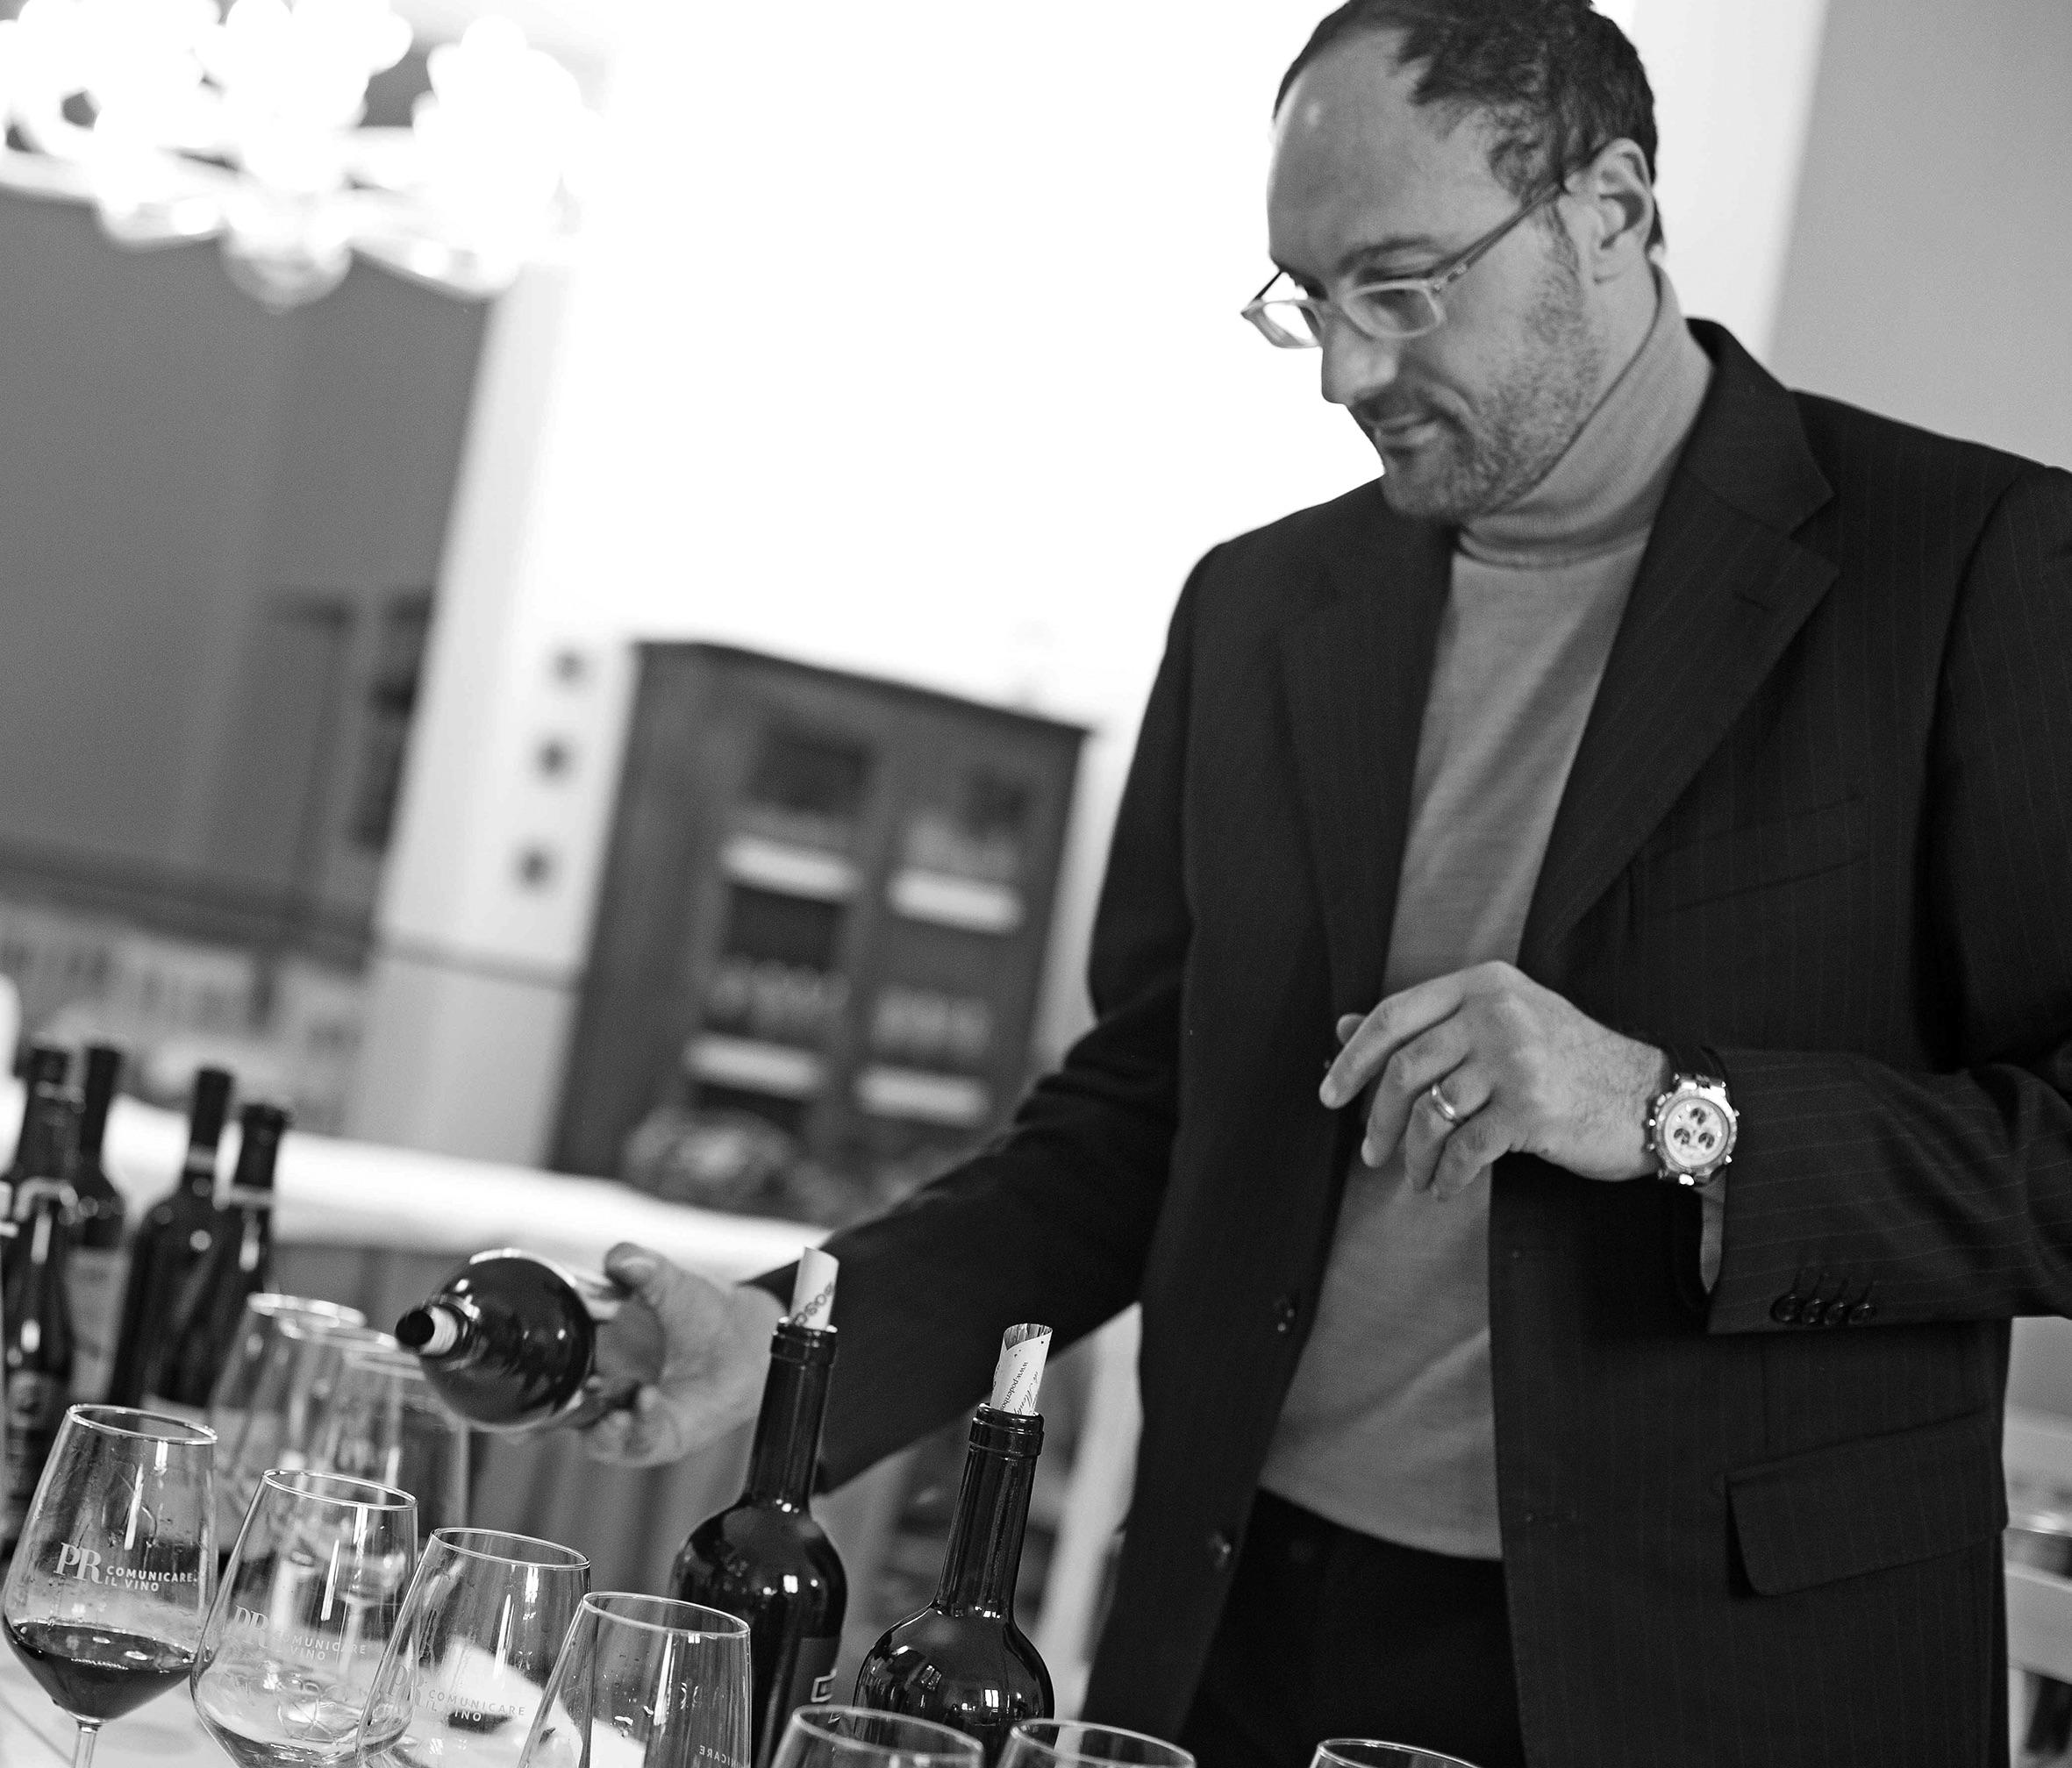 Champagne tribaut schlosser bagno alcione forte dei marmi sabato 15 luglio 2017 god save - Bagno alcione forte dei marmi prezzi ...